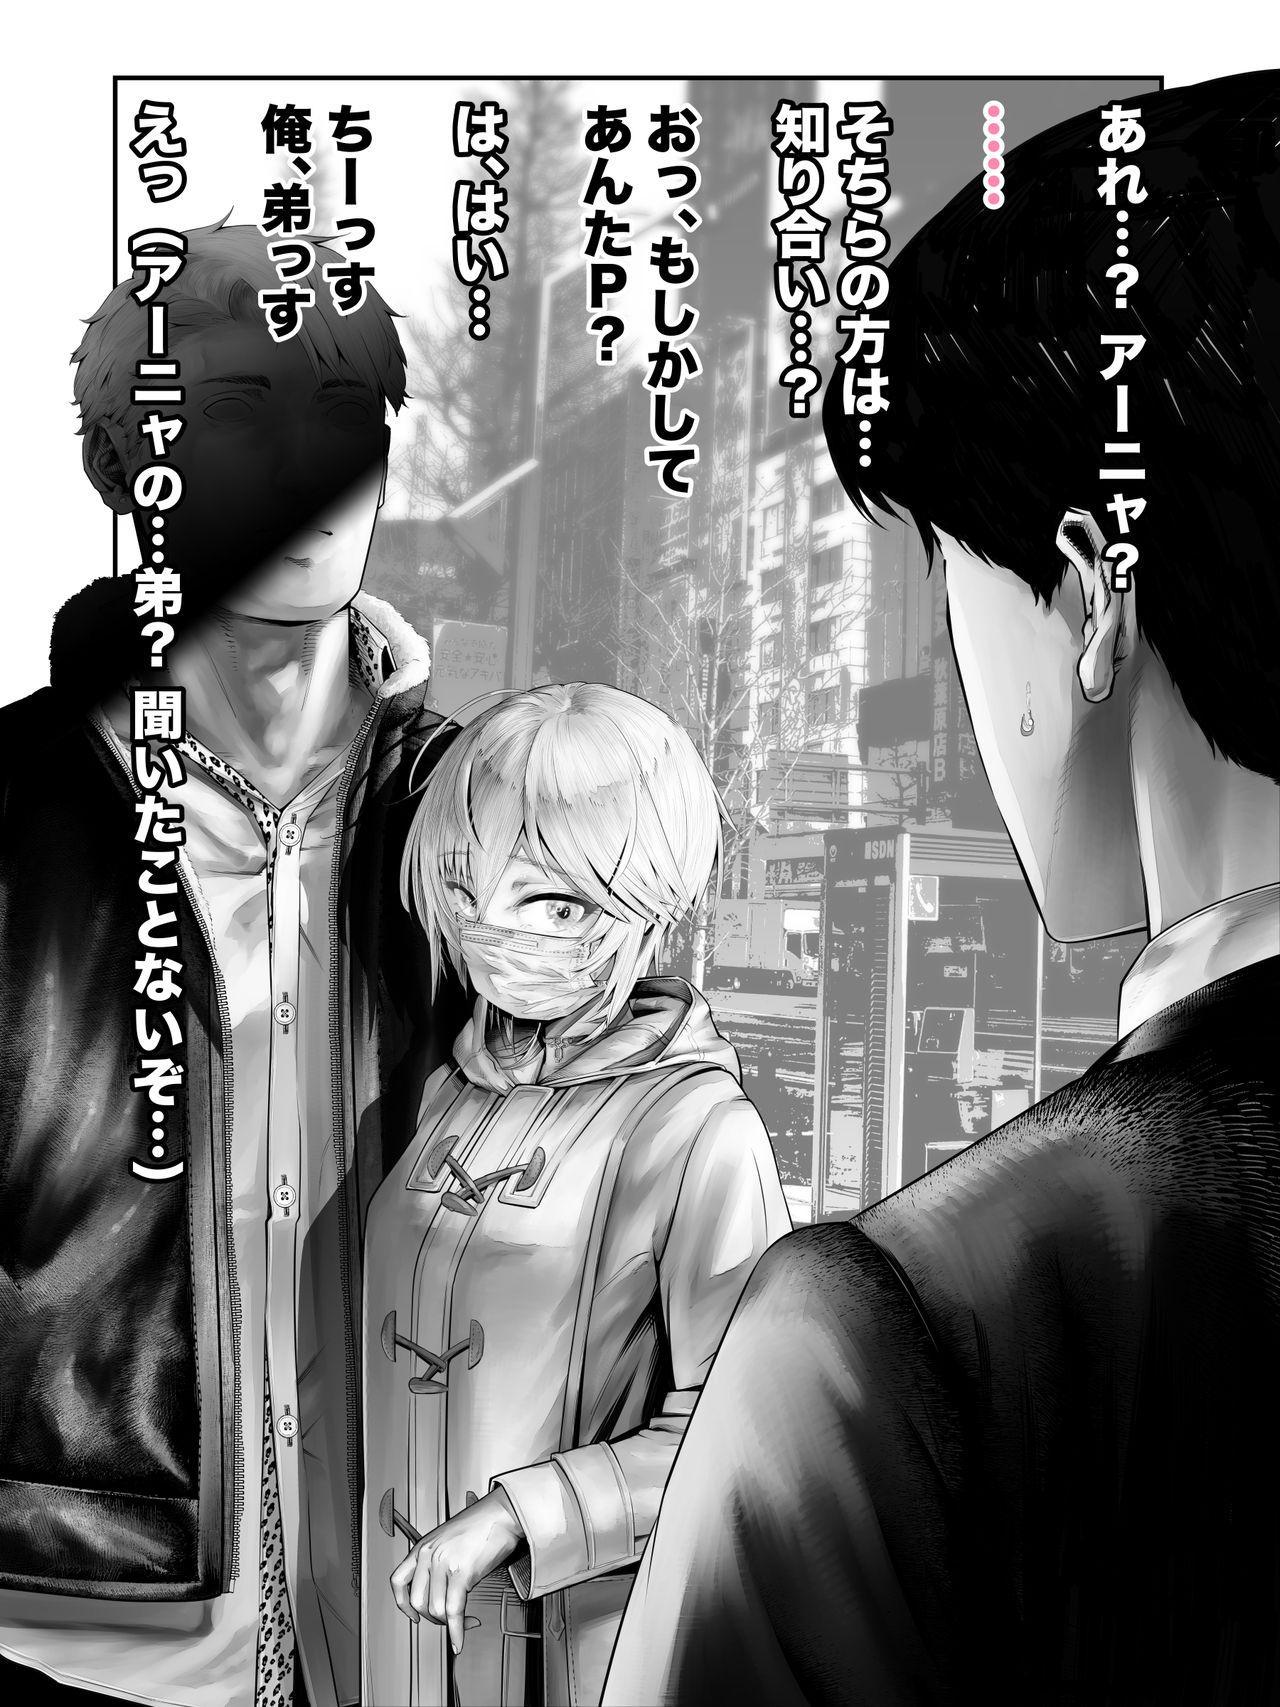 Kanzenba/P 「Sochira no kata wa…?」?「Chissu, ore otoutosu」 11